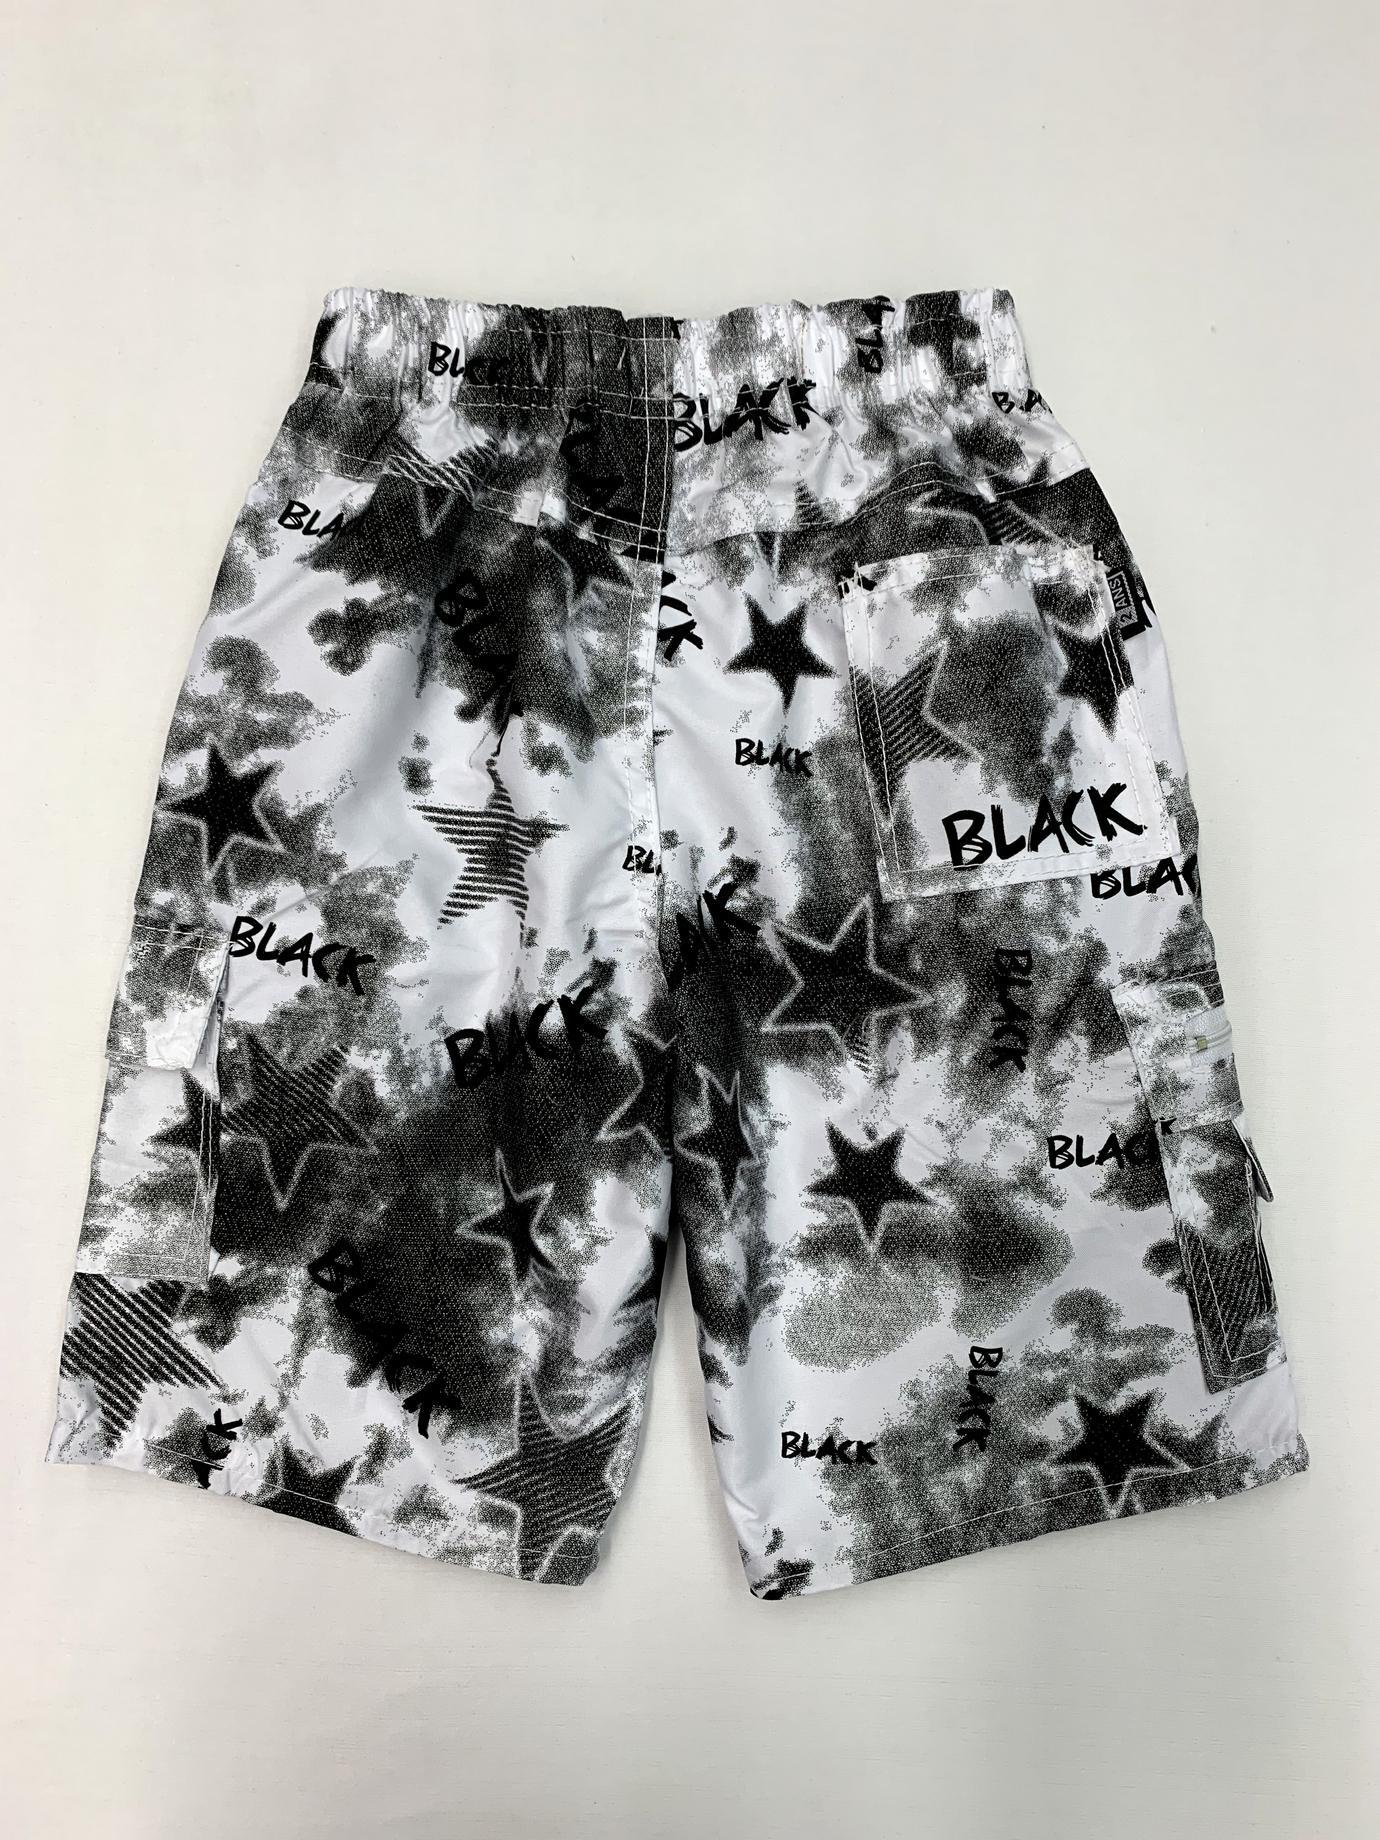 Pantaloni Bambini Colori mescolati MODWILL M177 #c eFashion Paris